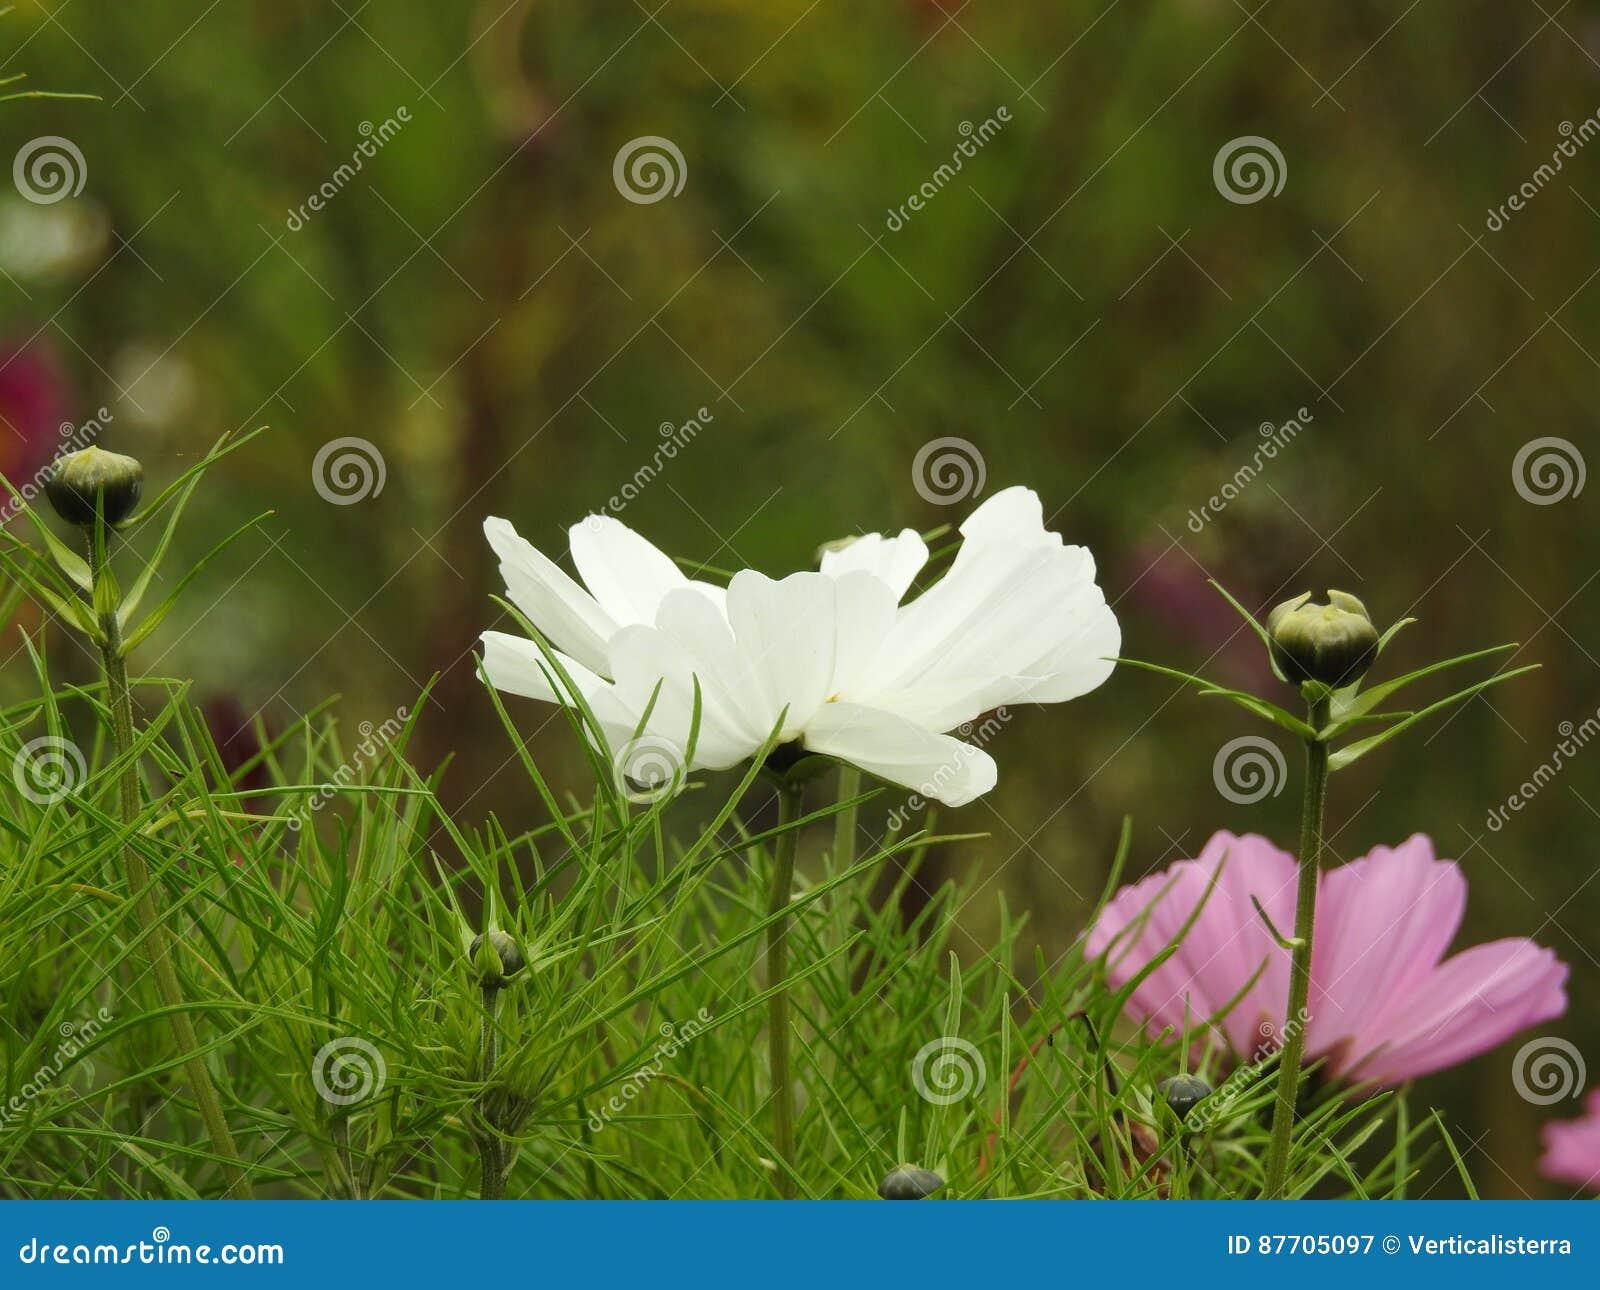 La fleur de cosmos est une usine sensible qui embellit facilement un jardin par ses nombreuses fleurs tout au long de l été